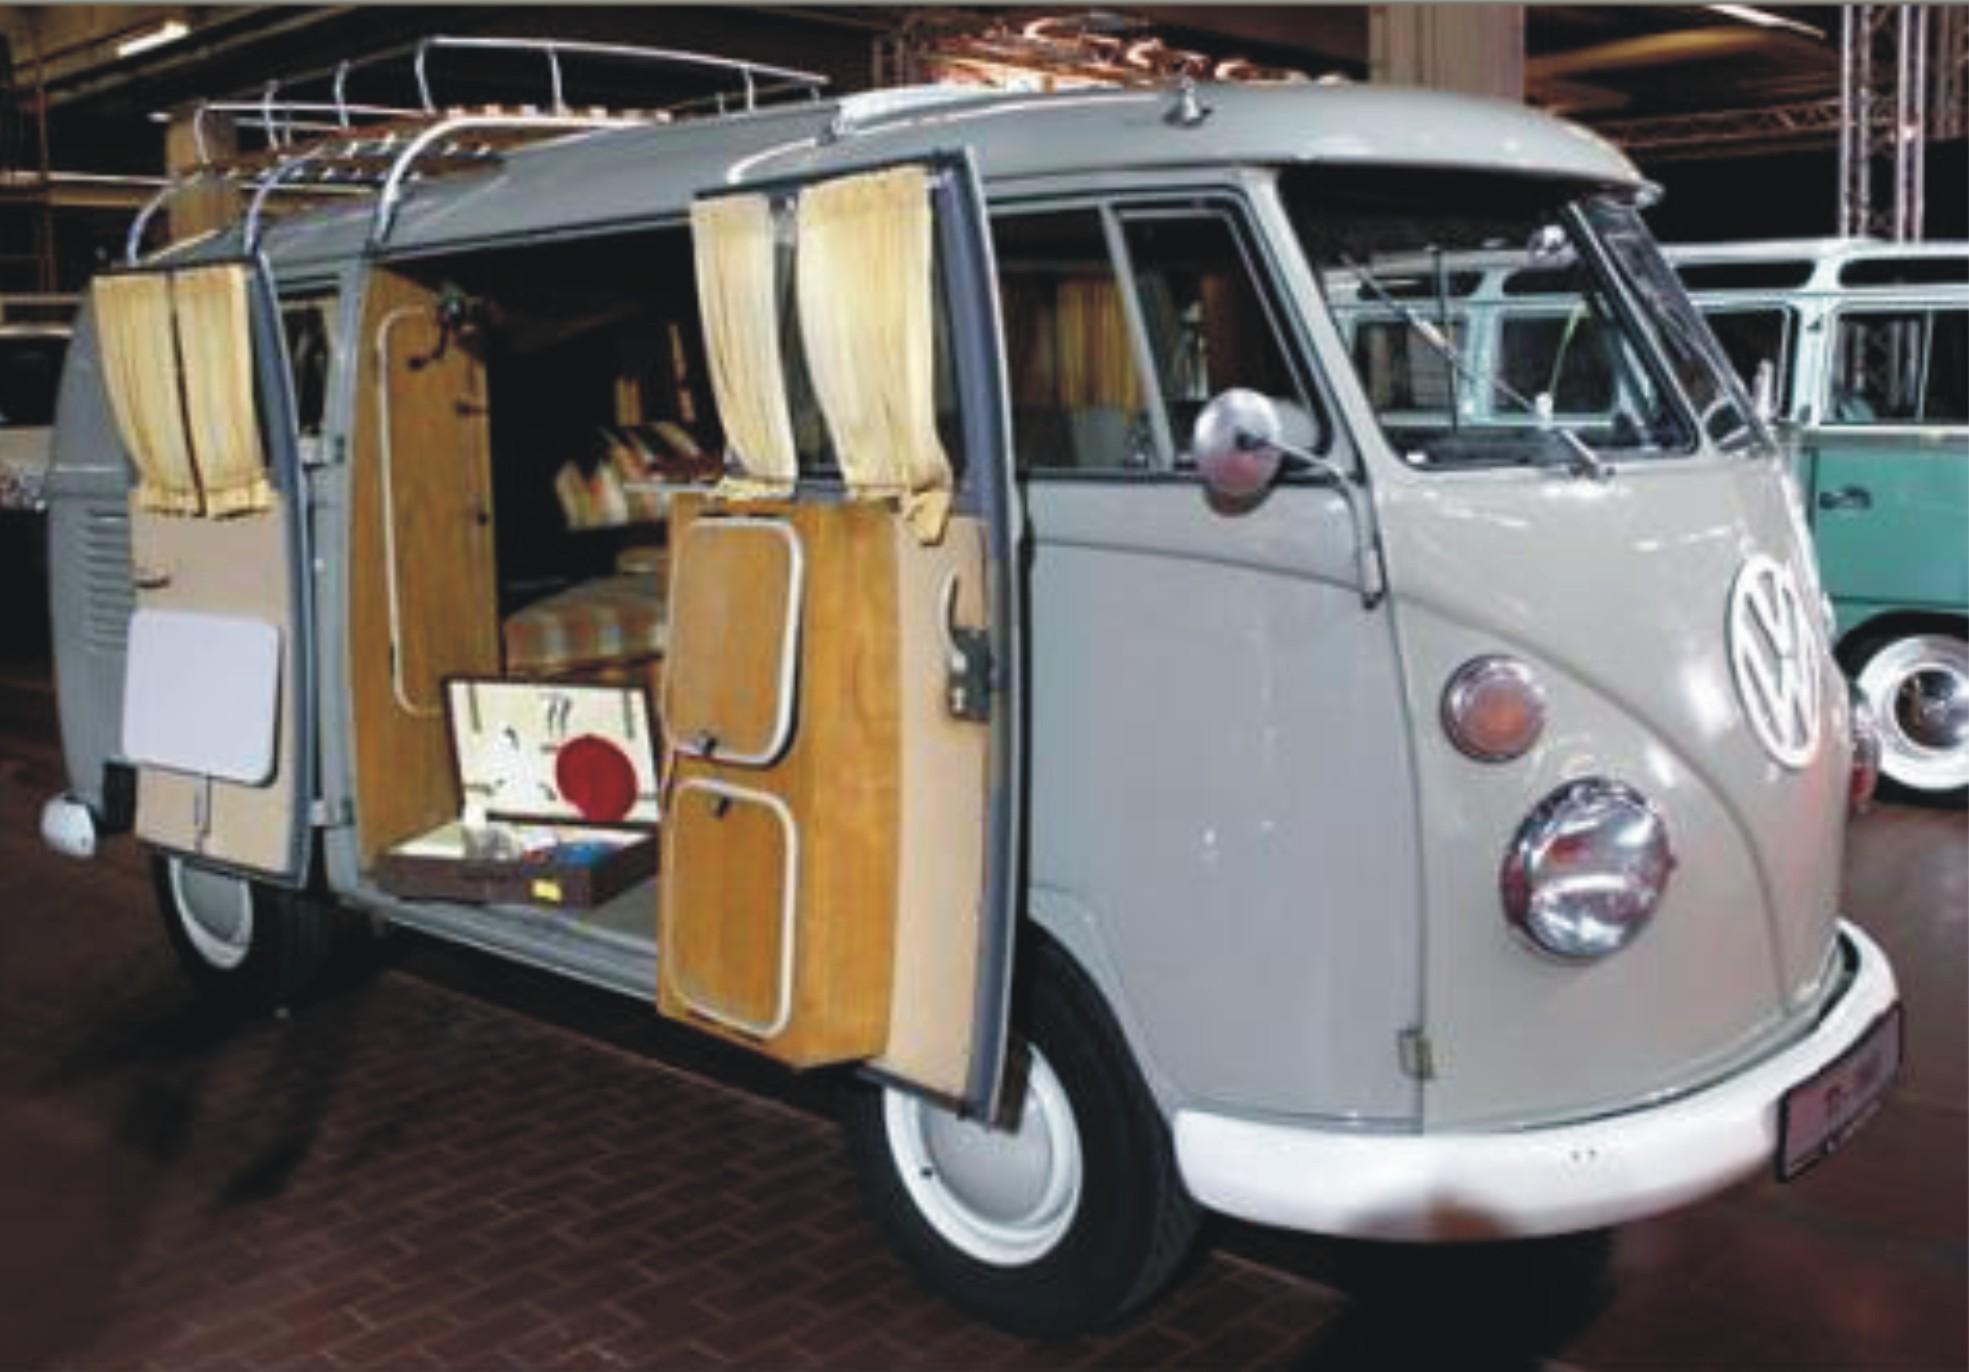 camper raphael pinterest window buses vehicles bus turkey campers on pin by beetles derkson vw vans volkswagen busses